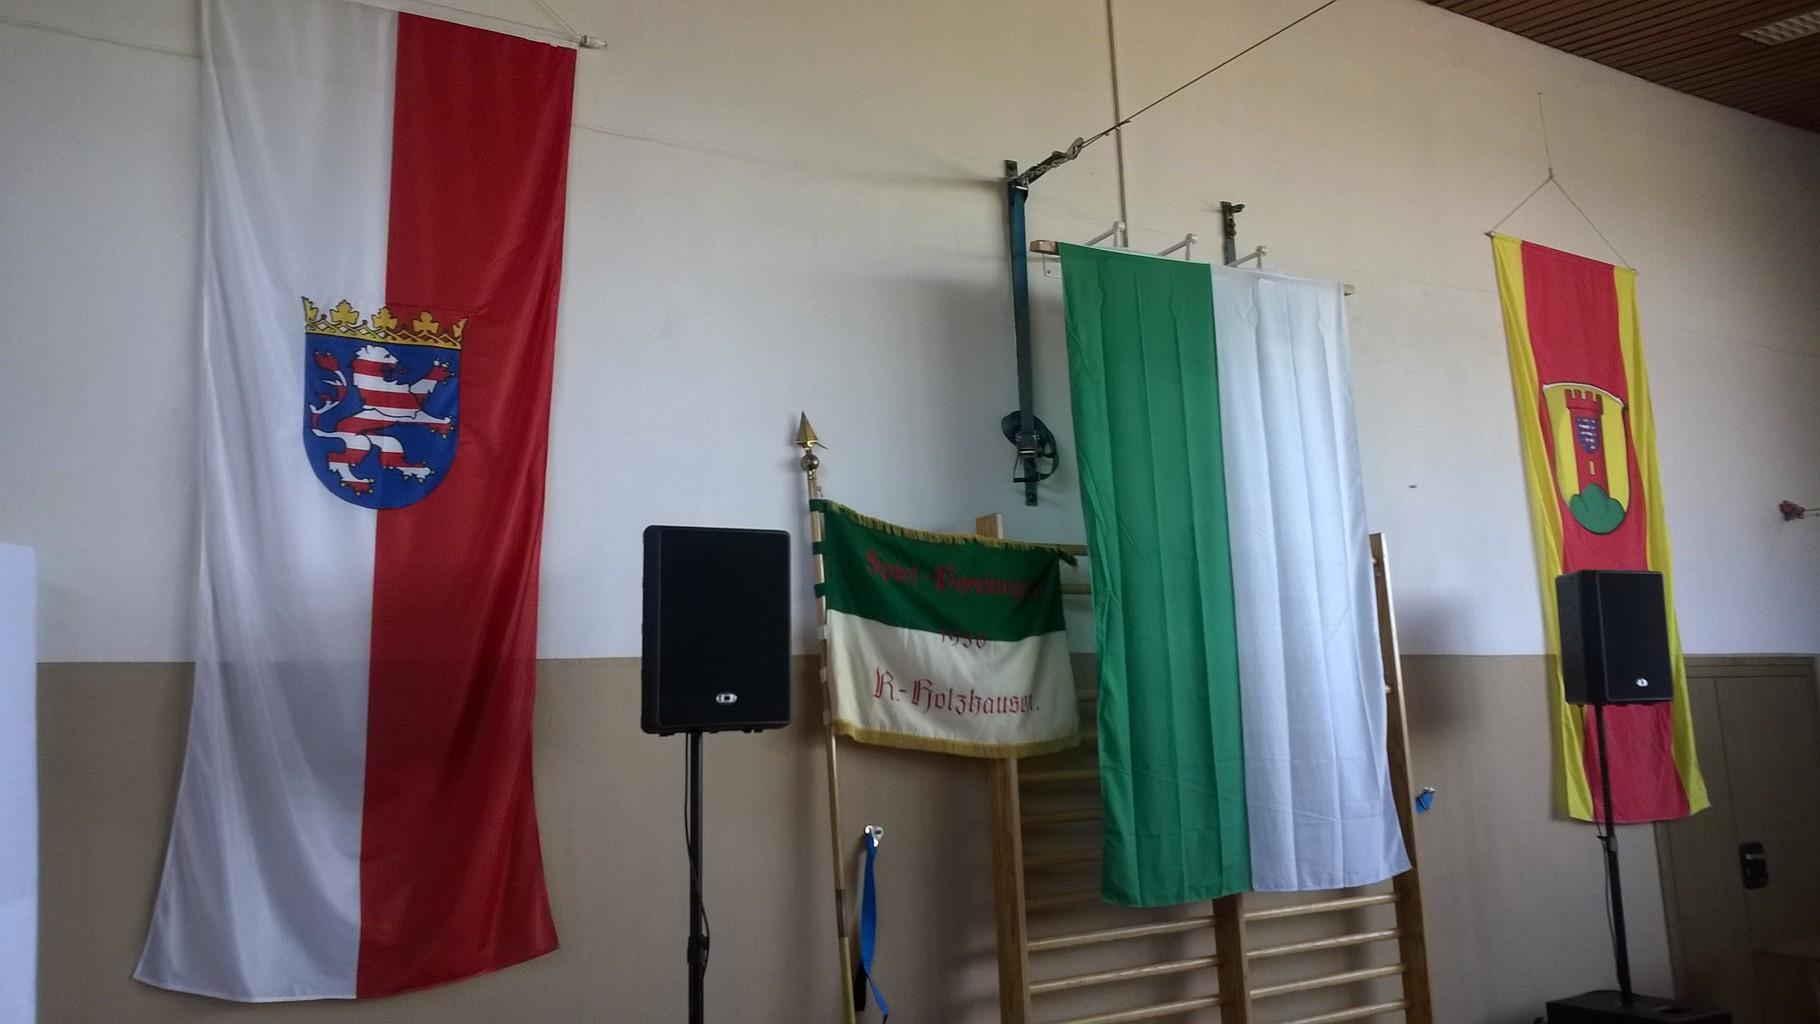 Flaggenparade zum Jubiläum